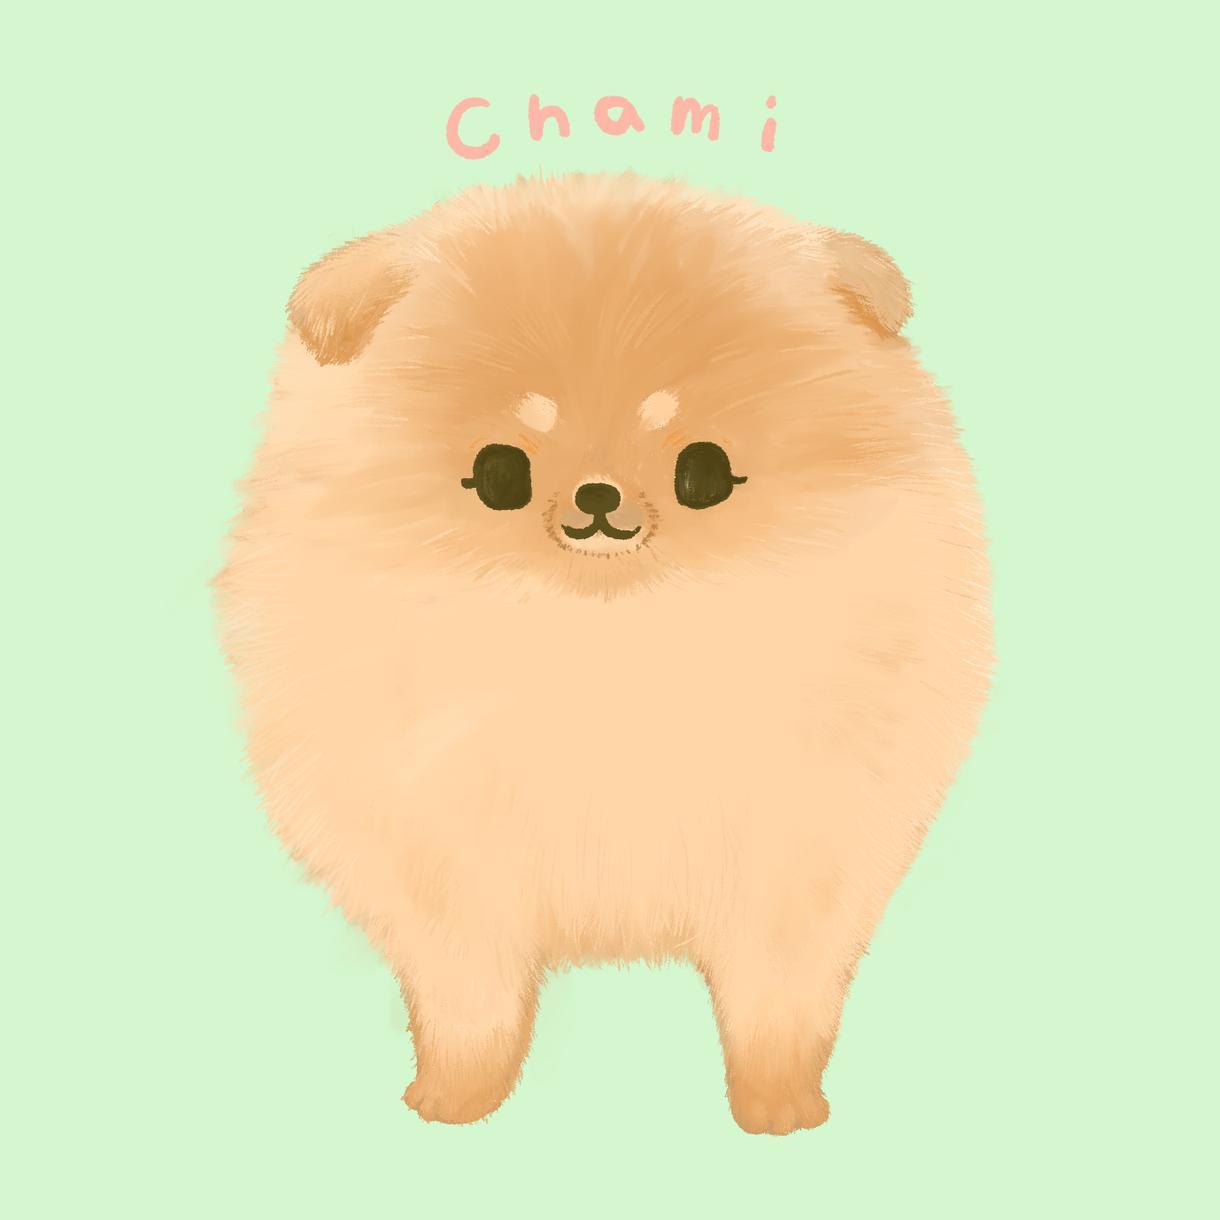 パステル調の可愛いペットのイラストをお描きします SNS用アイコンにも!貴方の大切なペットをイラストに イメージ1